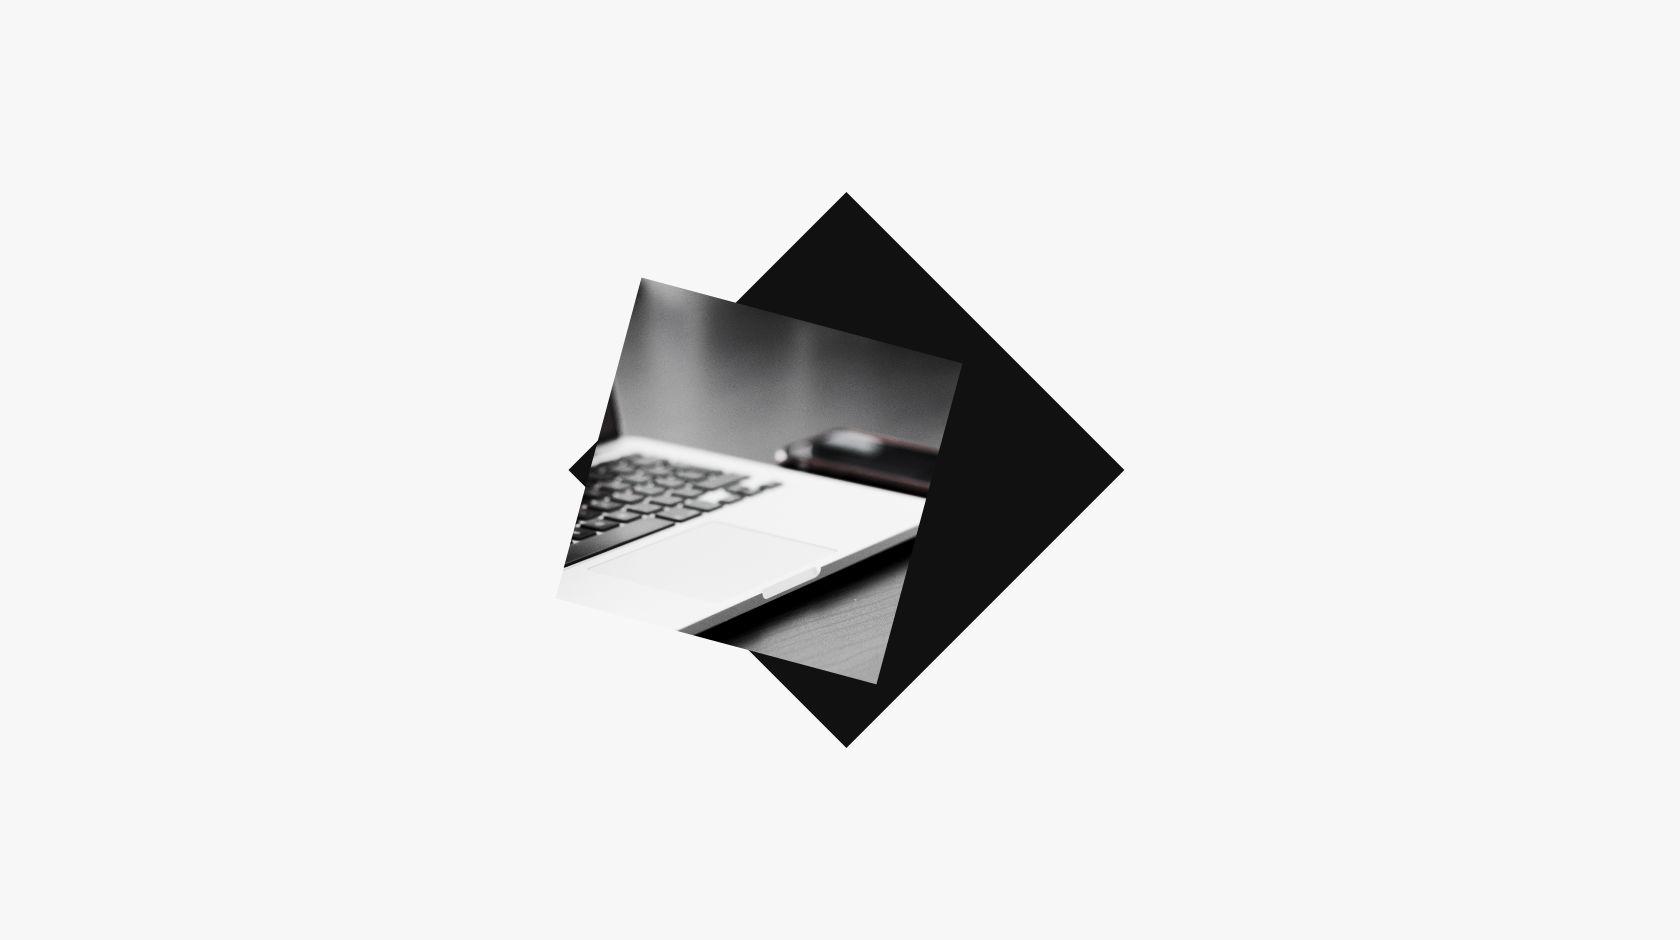 Reszponzív design: Reszponzív kép készítési metódusok